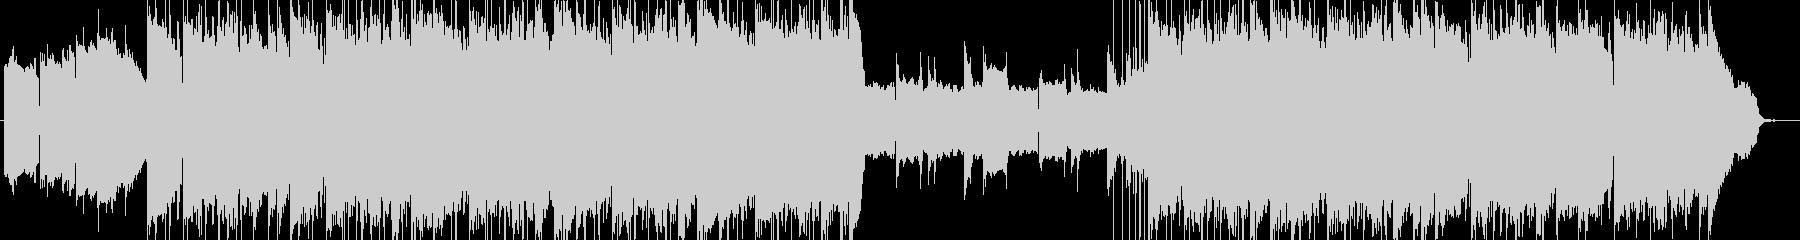 lofi風さわやかなピアノBGMの未再生の波形